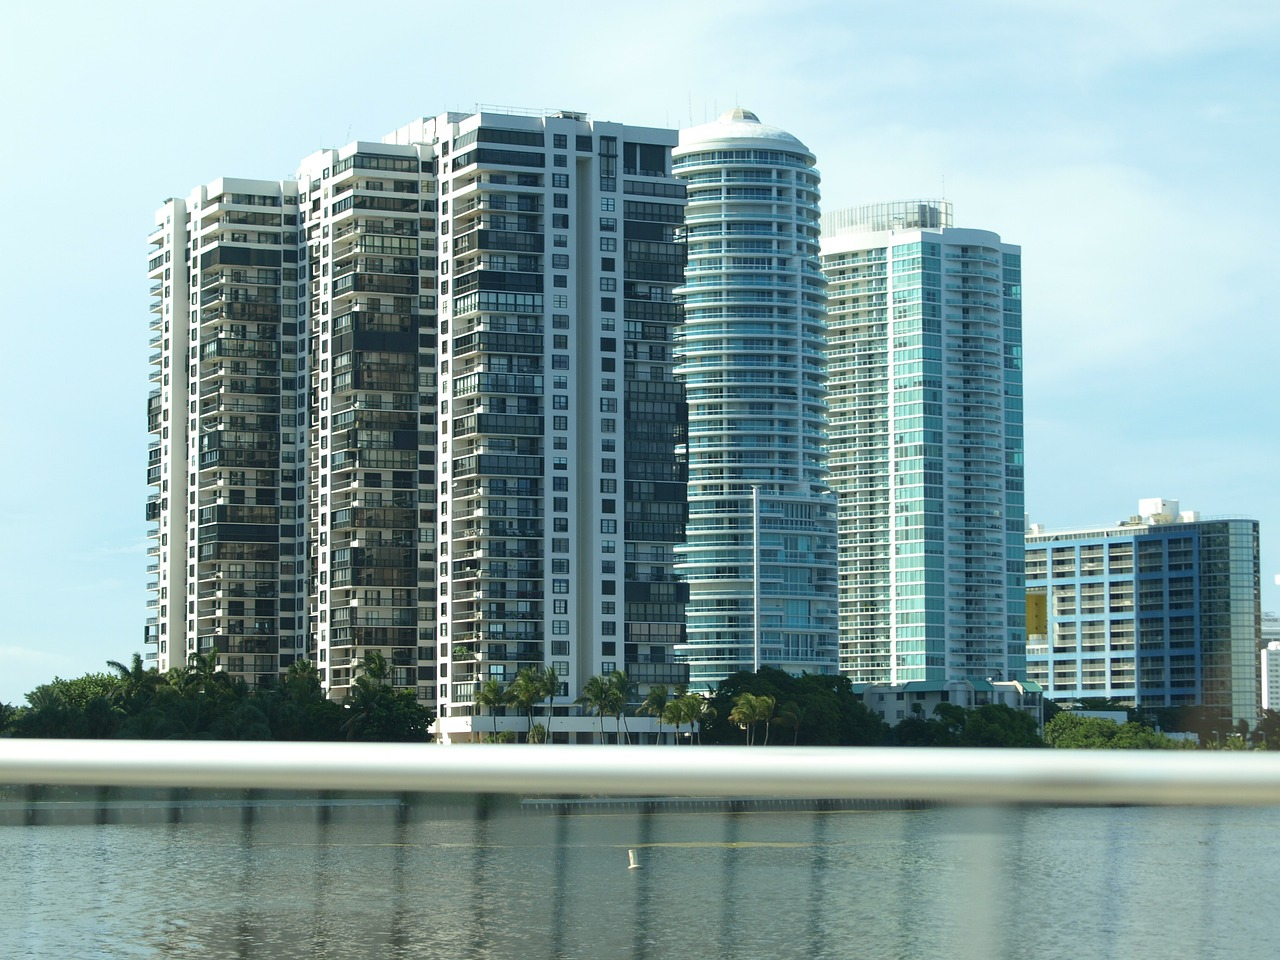 Recuerda que Miami es seguro - Aunque Miami no es tan asequible como Orlando PUEDES AHORRAR EN TUS VIAJES A MIAMI - Miami precios...